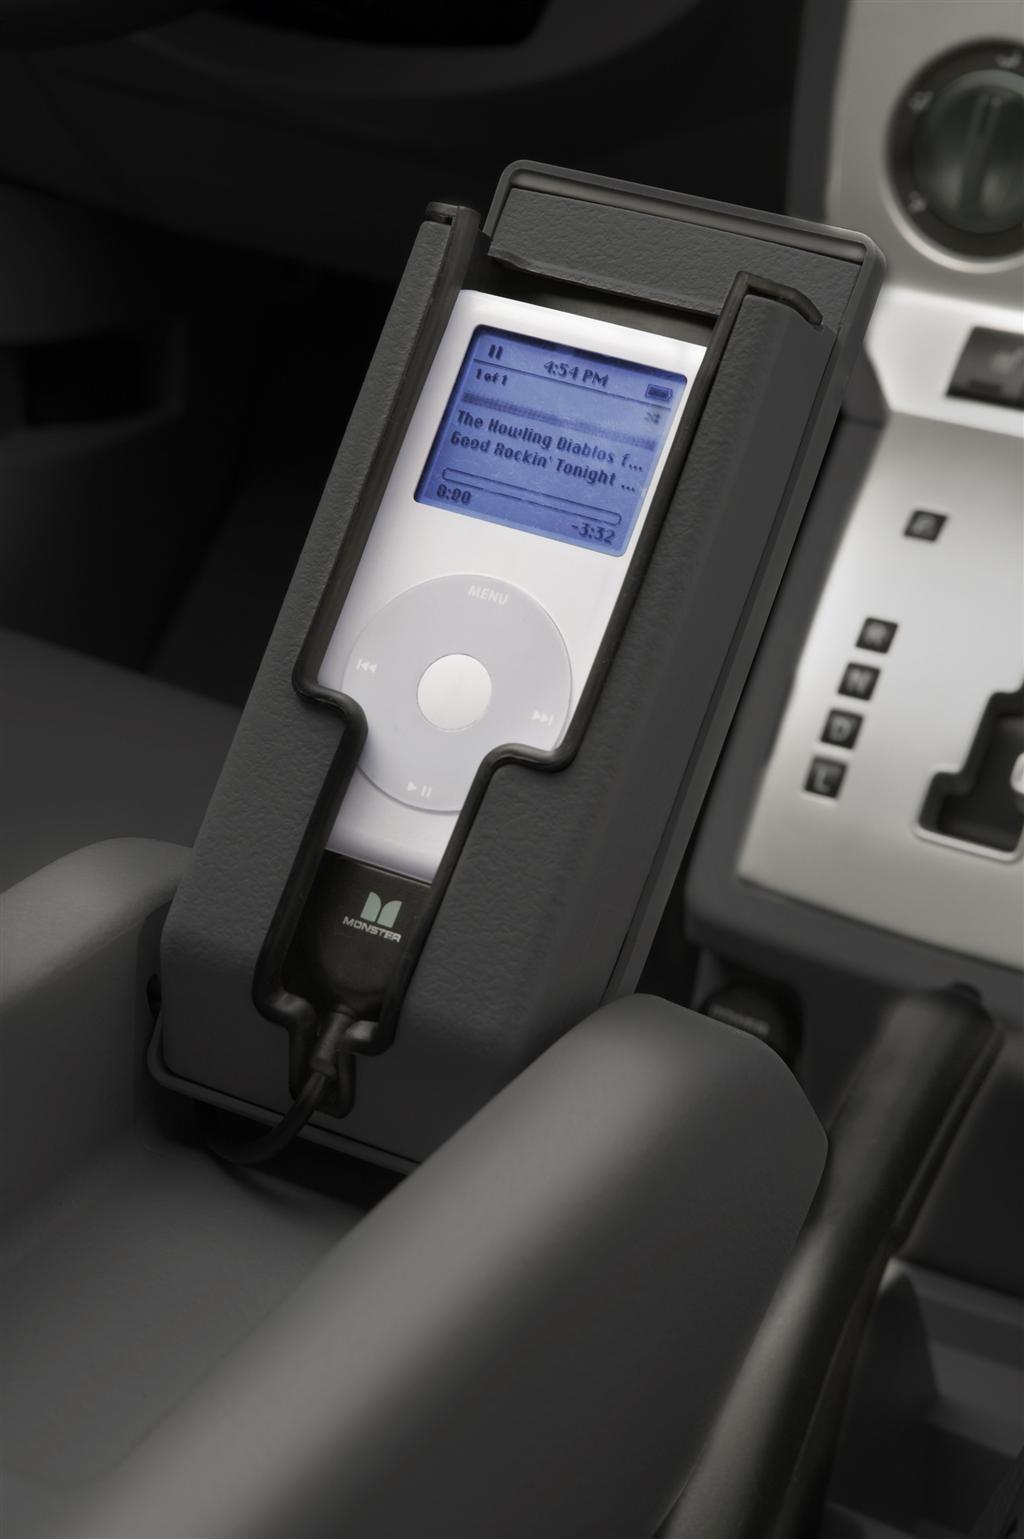 2009 Dodge Caliber Conceptcarz Com